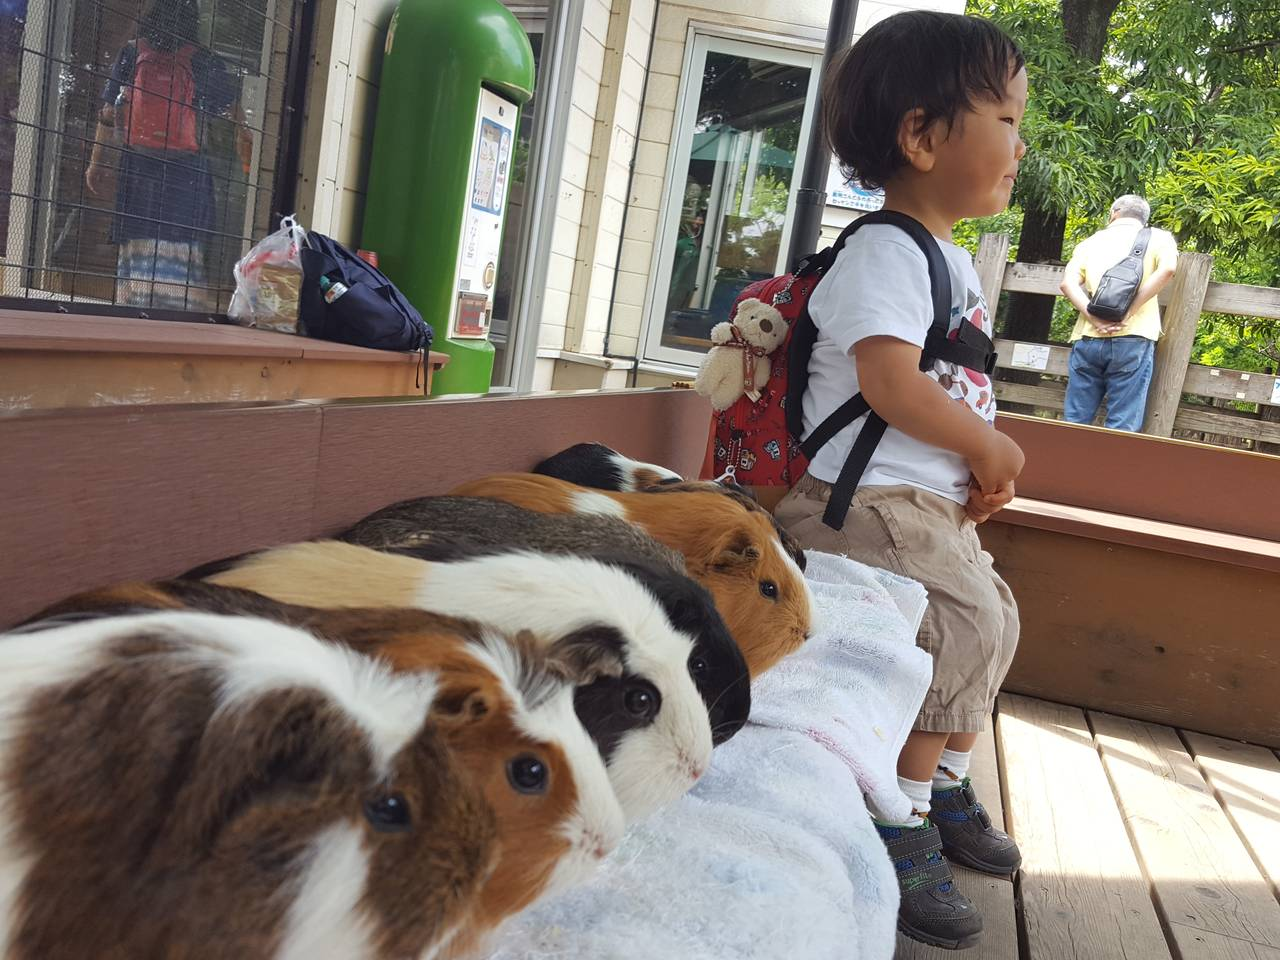 【東京】モルモットやウサギたちとふれあおう「足立区生物園」